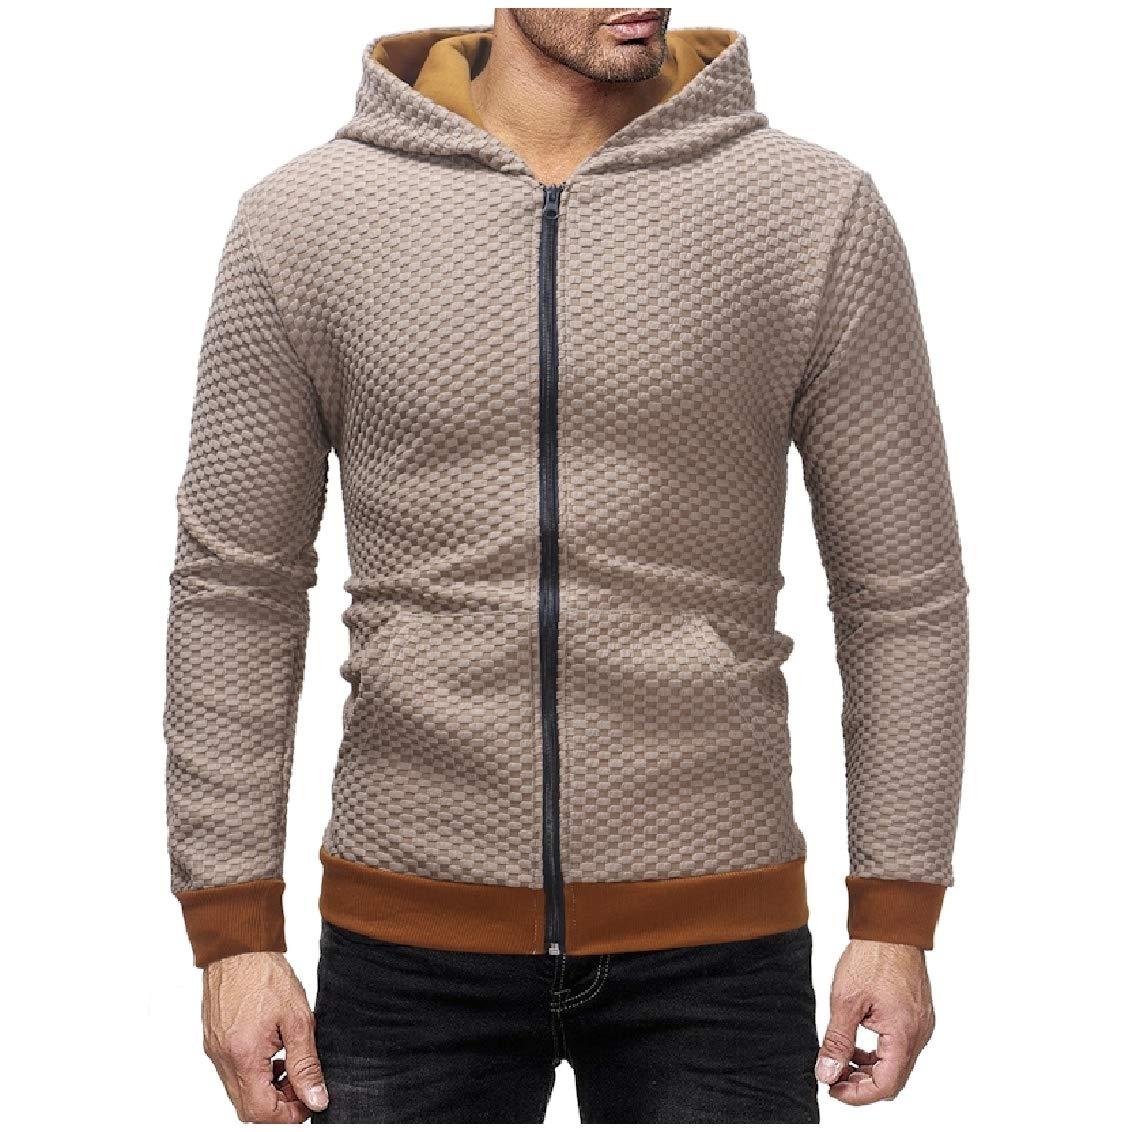 Freely Mens Outwear Full-Zip Long Sleeve Plaid Hooded Cardigan Sweatshirts